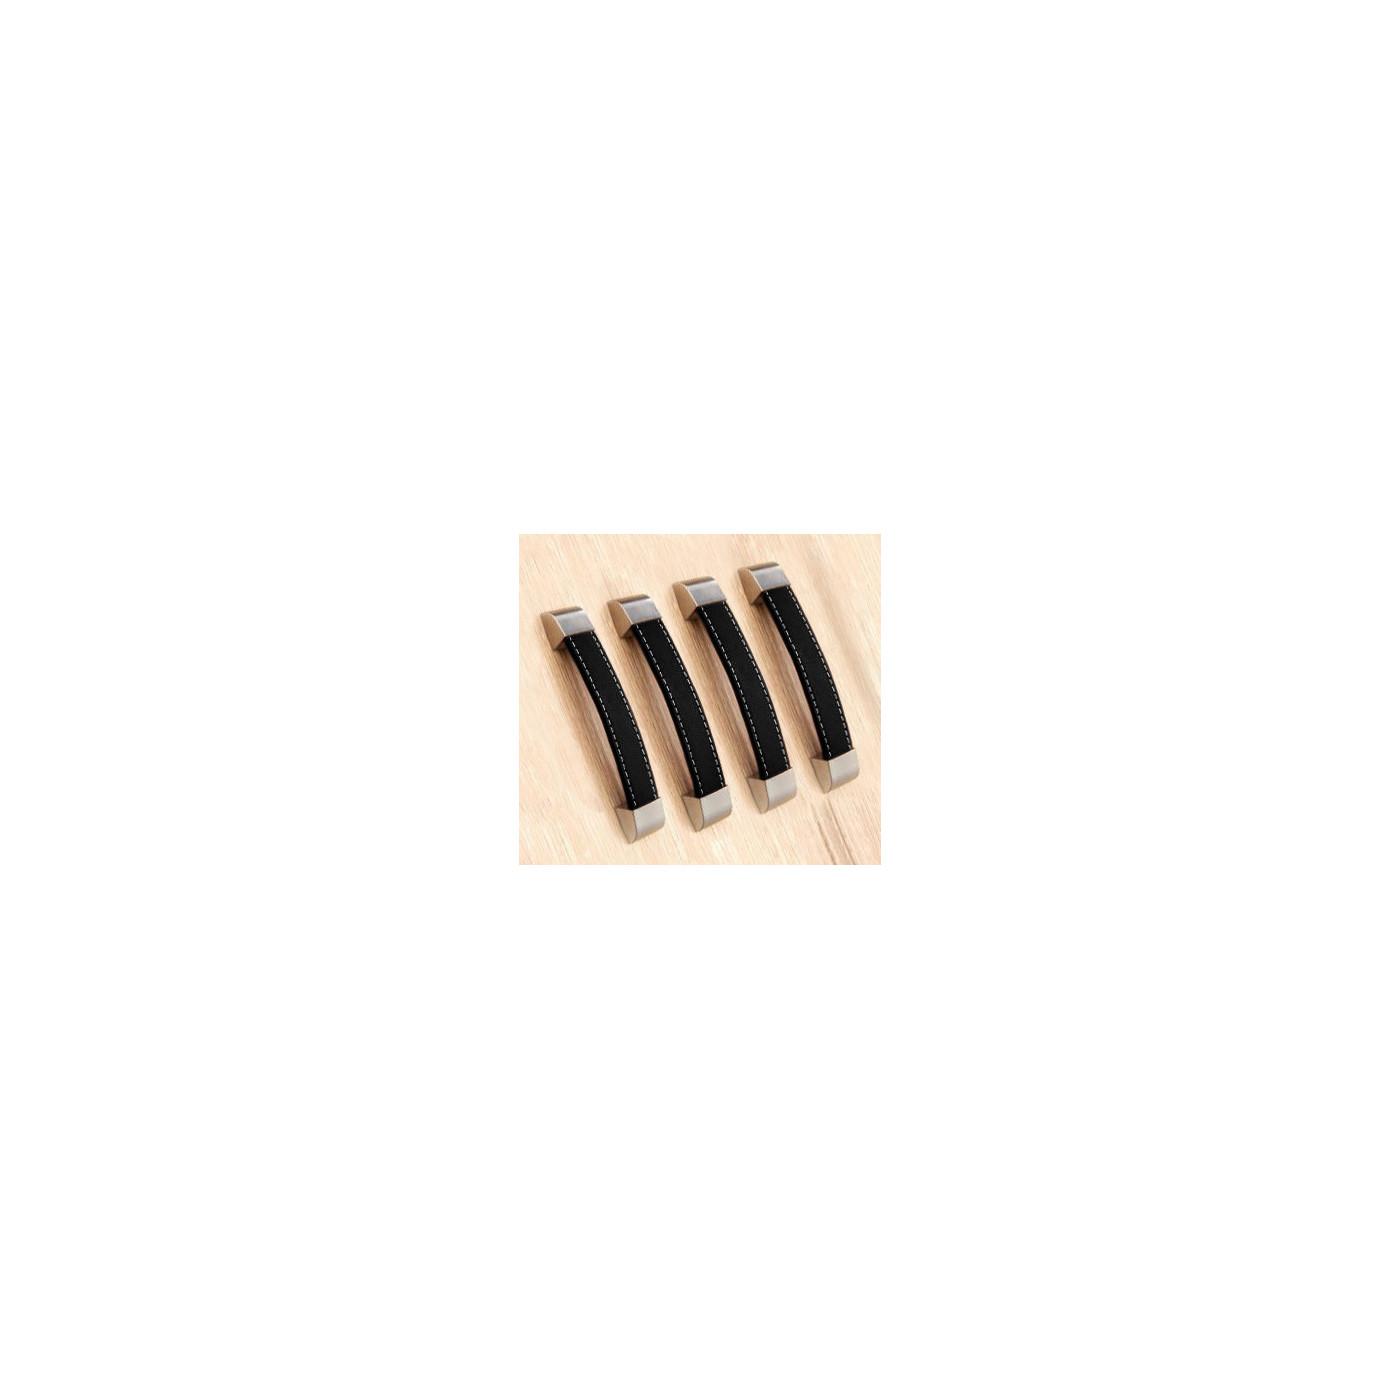 Set von 4 Ledergriffe (128 mm, schwarz)  - 1